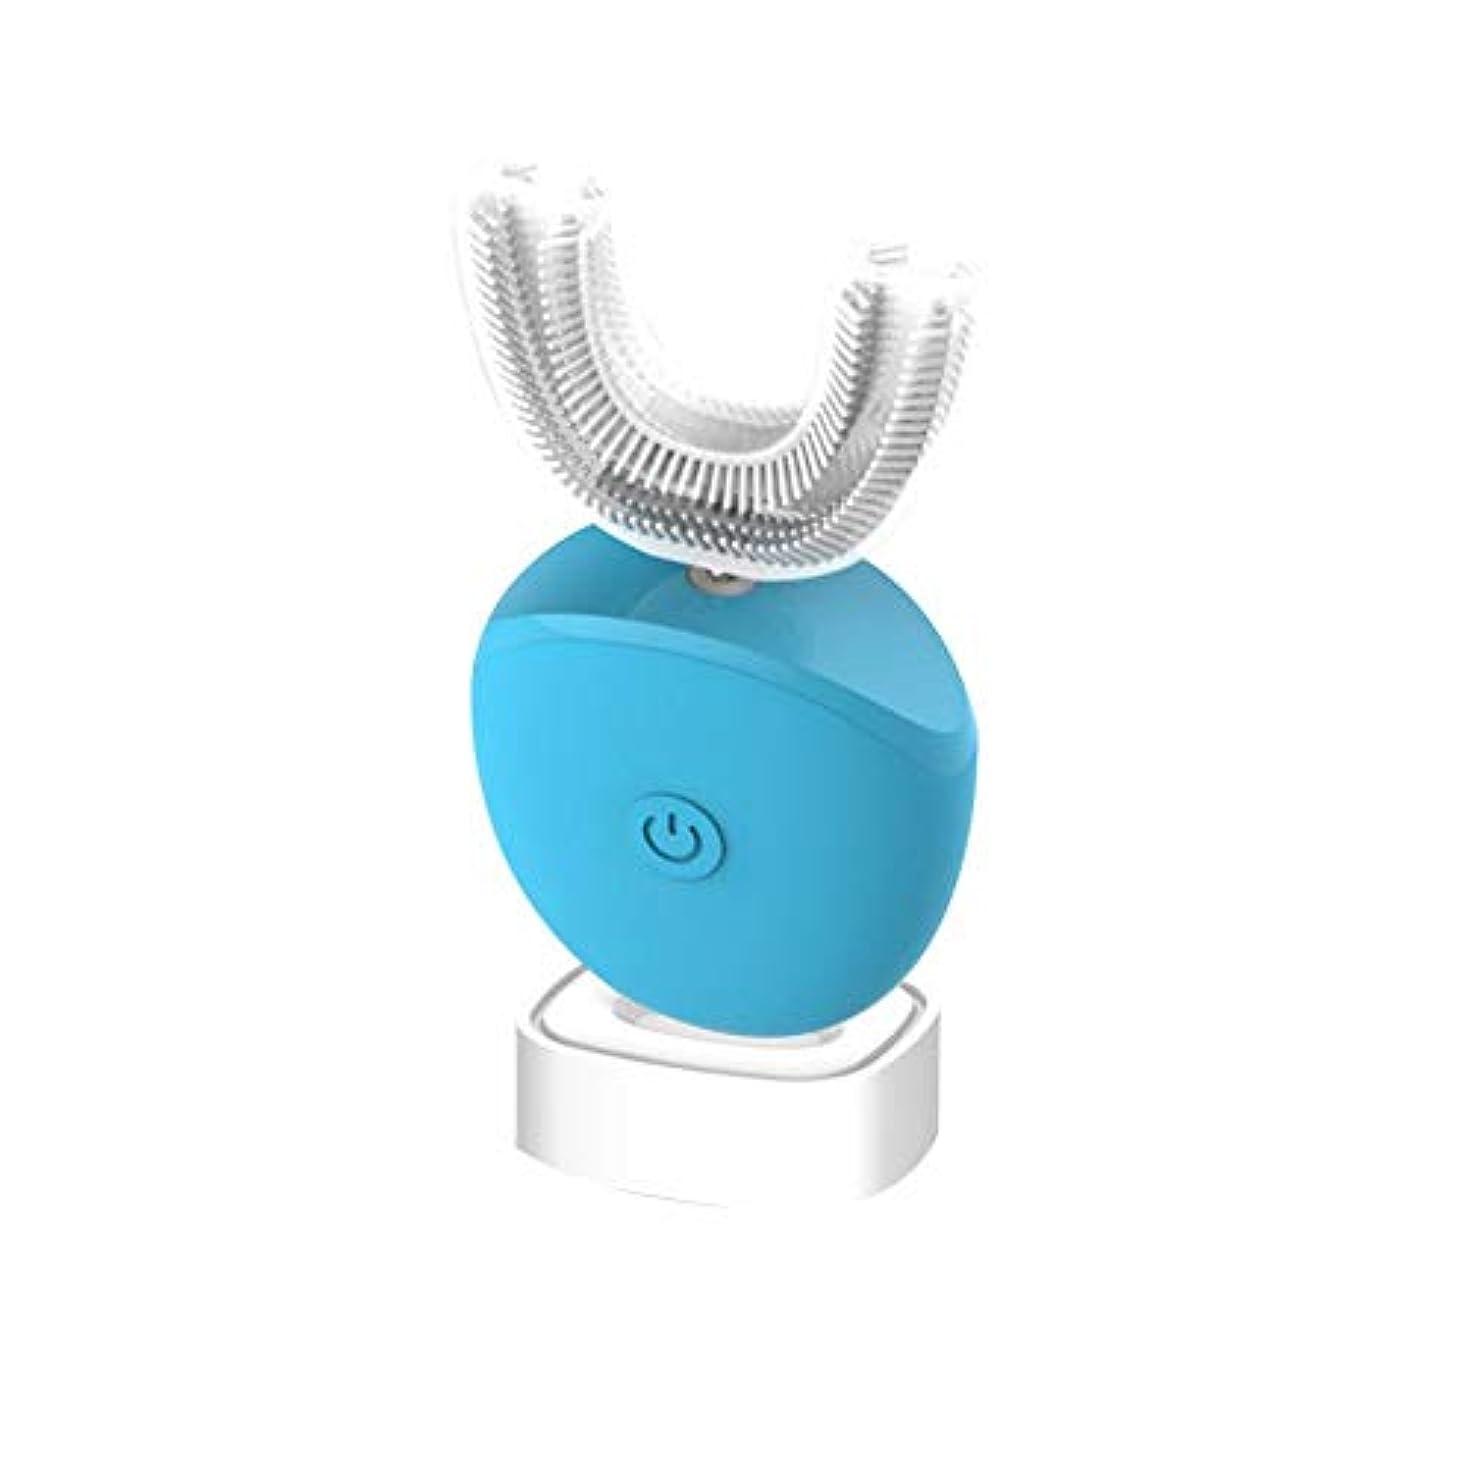 滅びる郵便物消毒するフルオートマチック可変周波数電動歯ブラシ、自動360度U字型電動歯ブラシ、ワイヤレス充電IPX7防水自動歯ブラシ(大人用),Blue